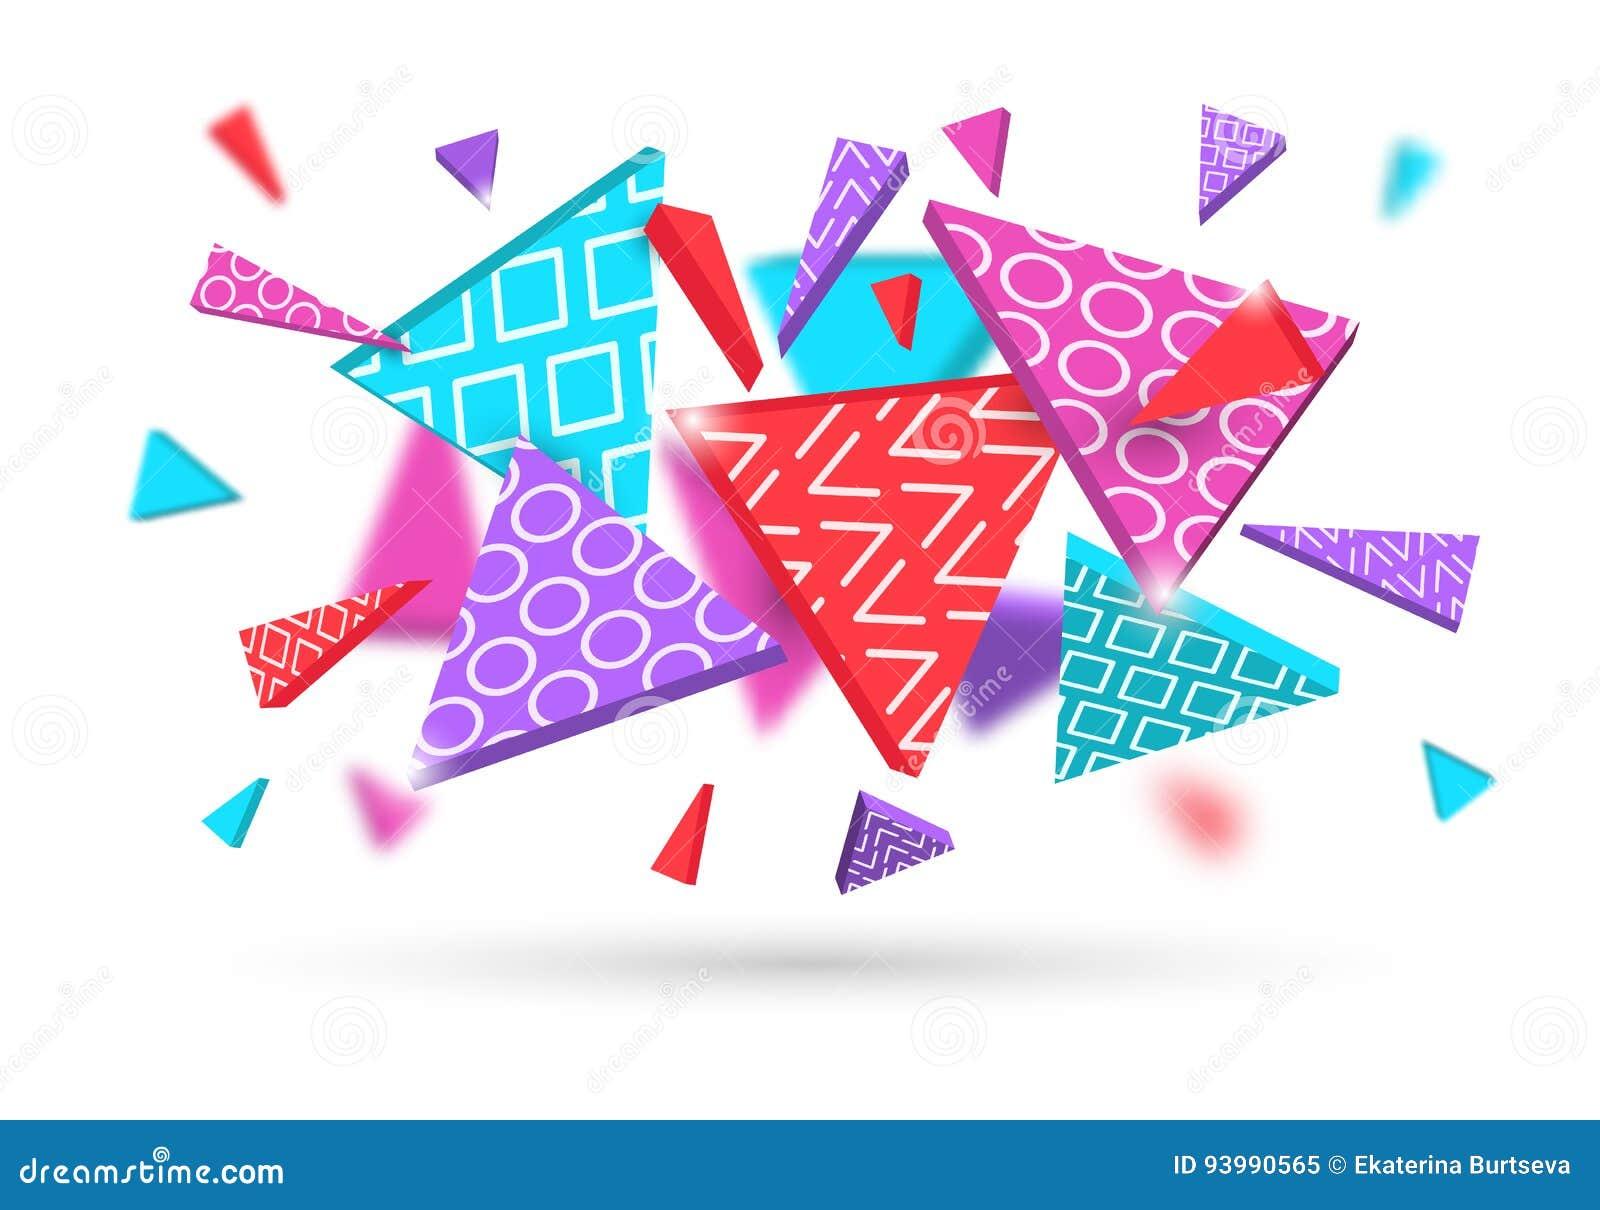 Fondo abstracto dinámico de las formas geométricas